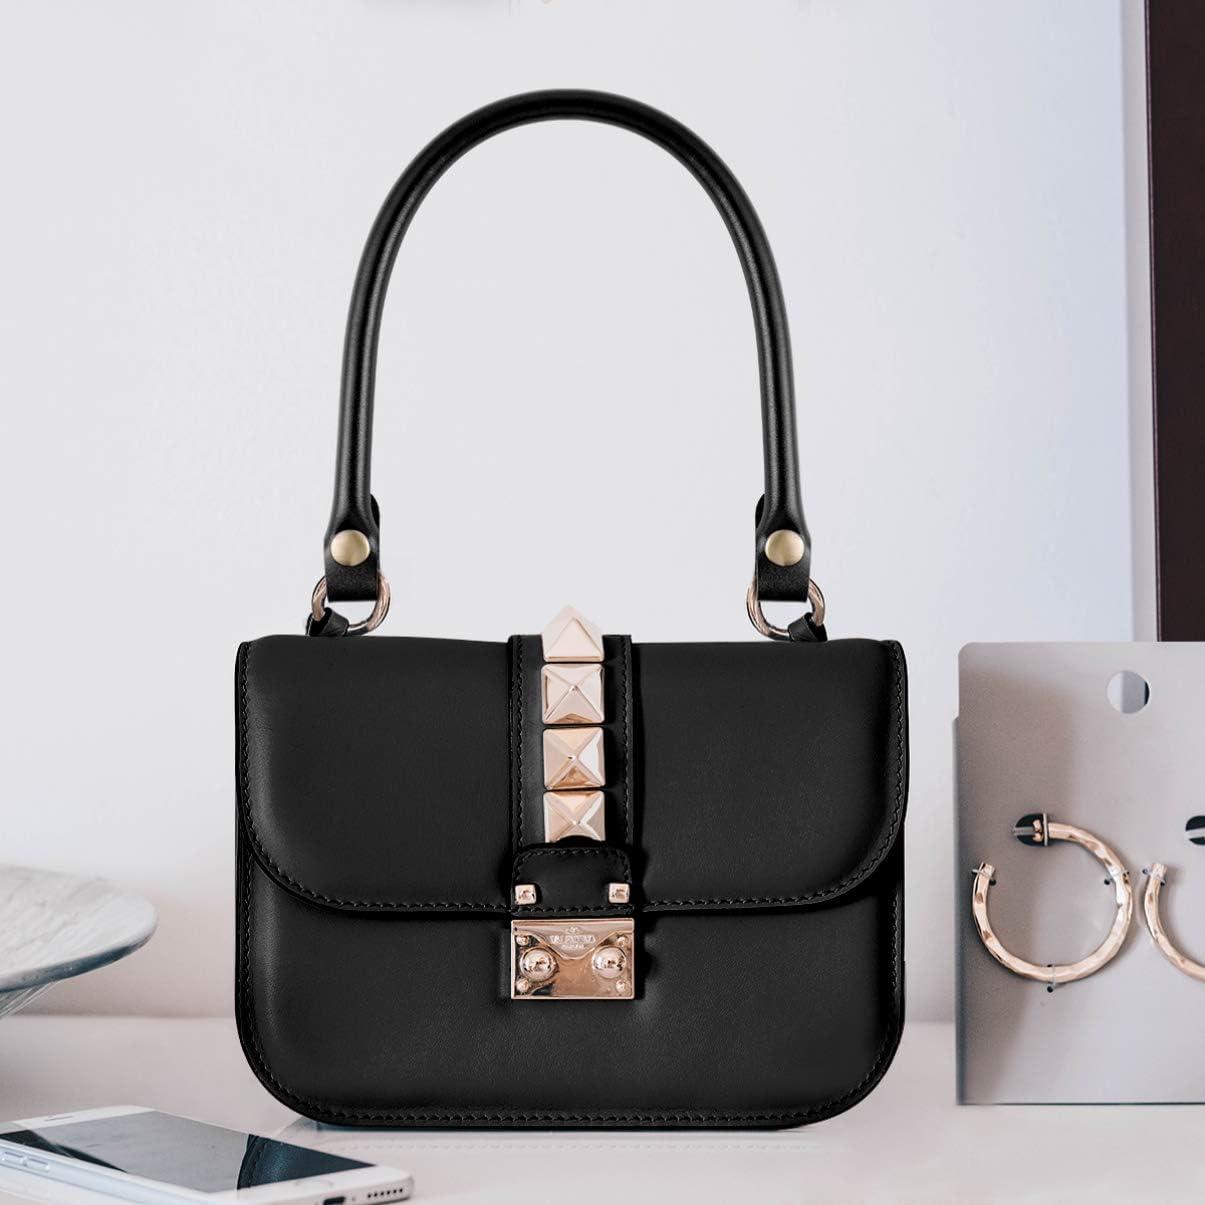 54 cm in pelle Manici di ricambio per borsa a tracolla colore: nero da donna 2 pezzi SUPVOX